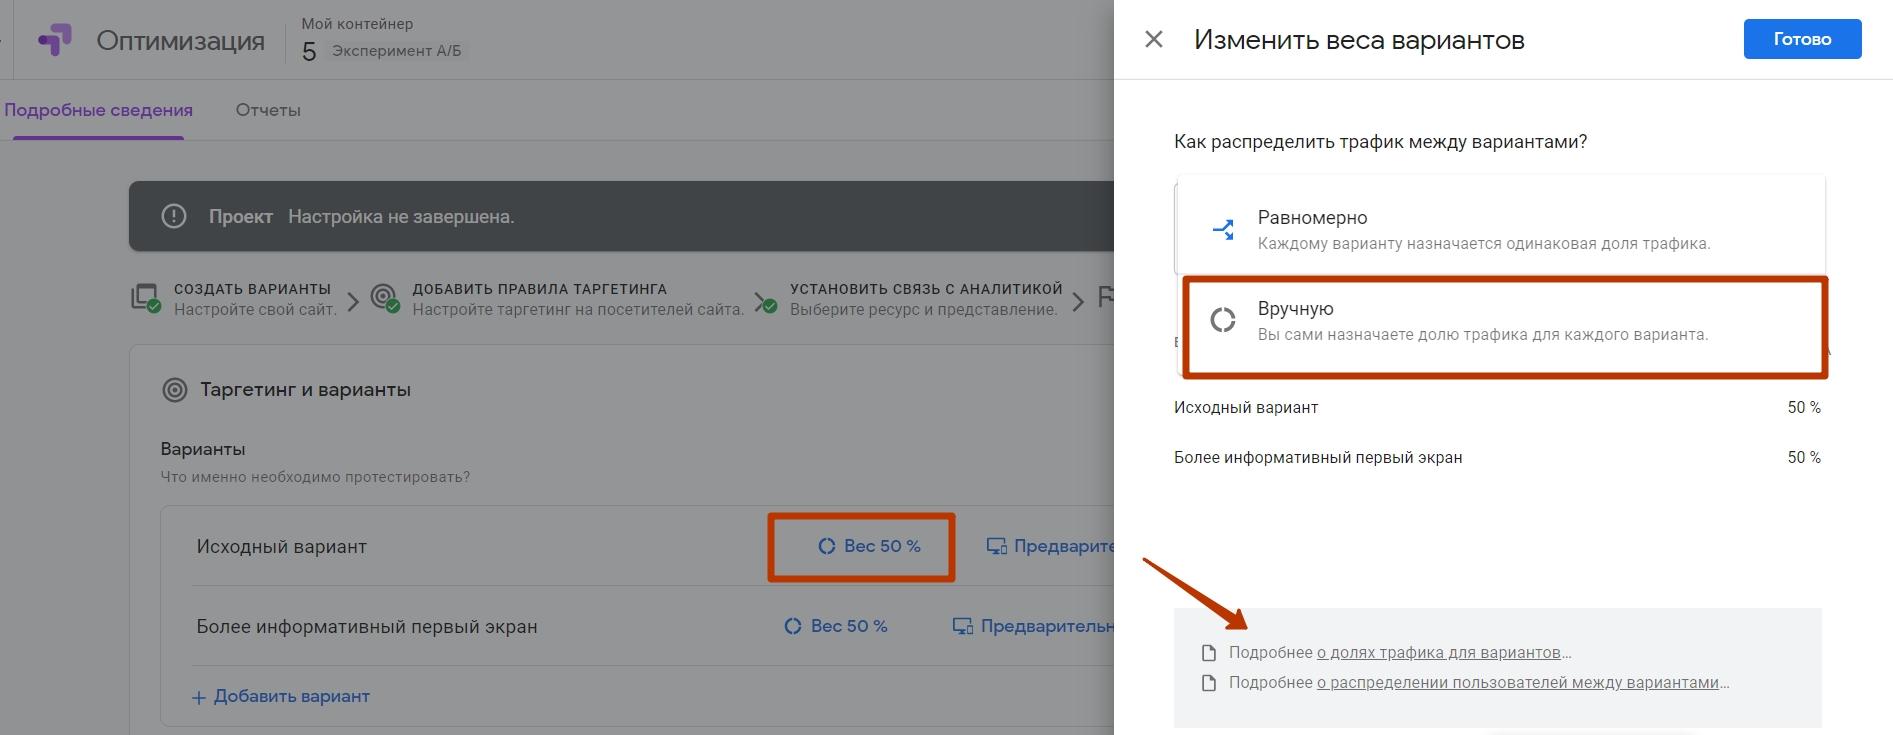 Создание вариантов страницы в Google Optimize